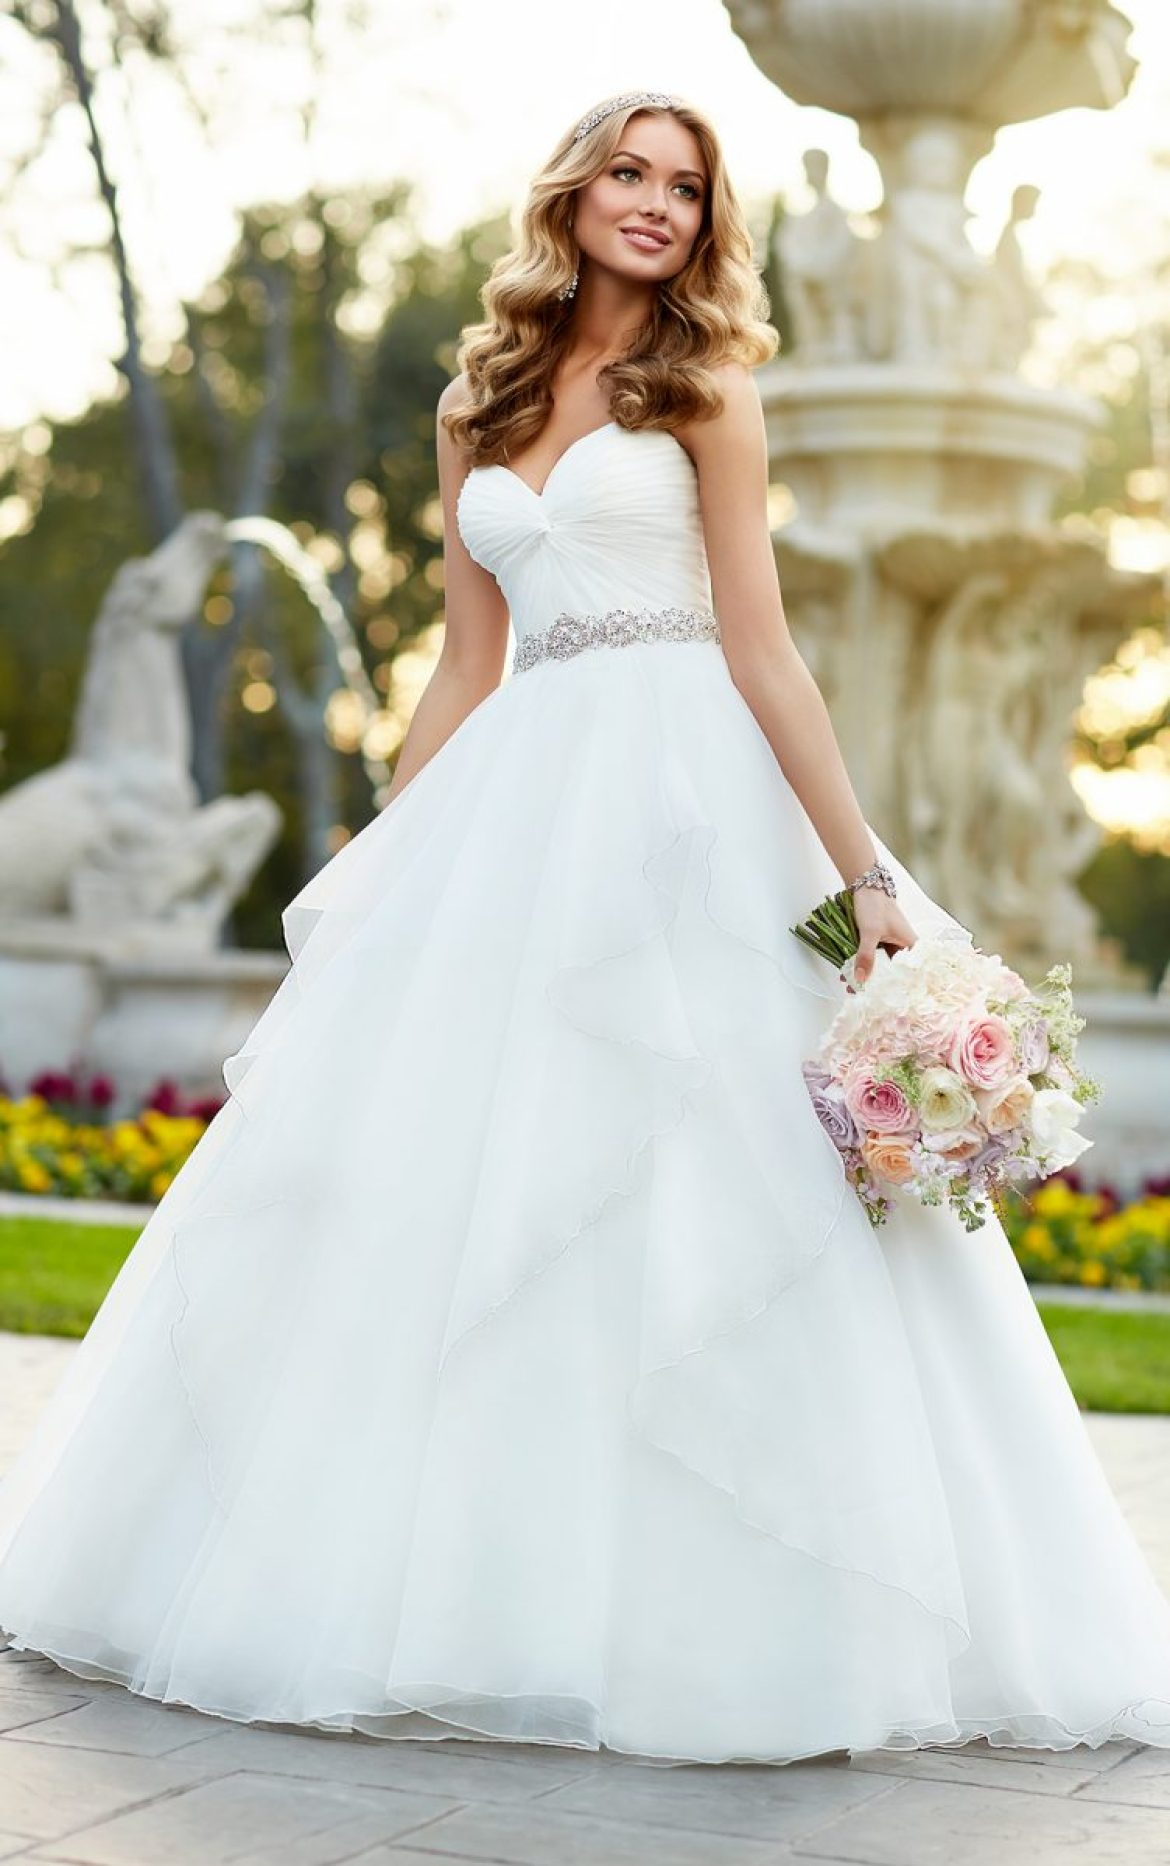 Vestido de noiva tomara-que-caia corte princesa, com cintura justa e cinto de strass. Da Stella York.